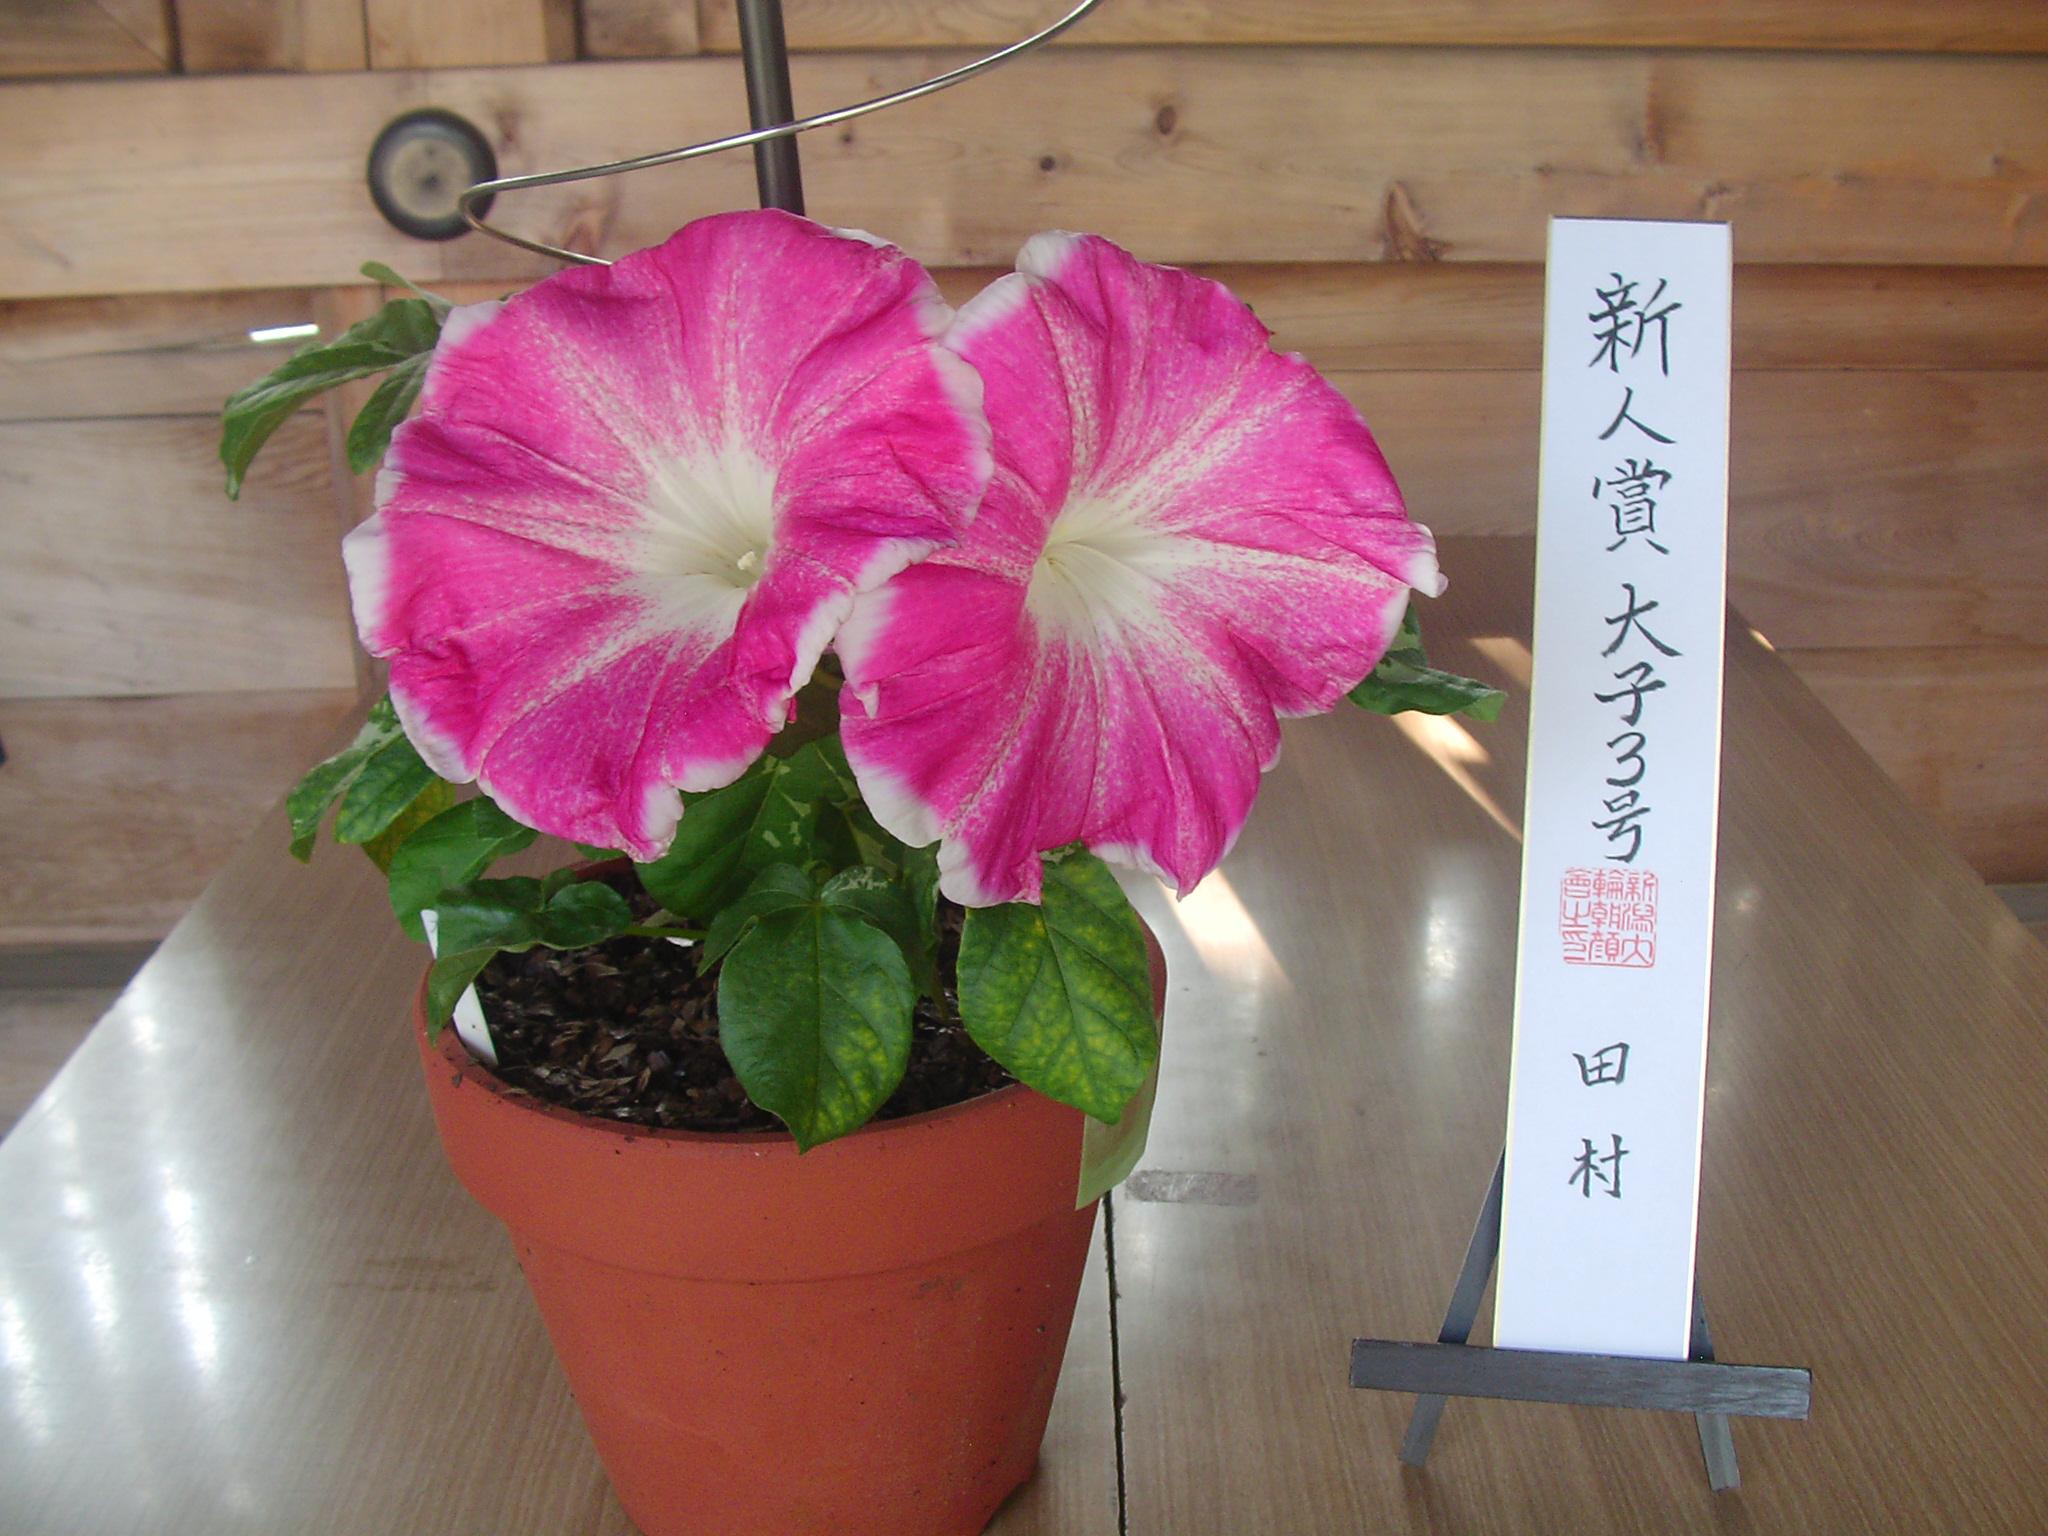 8/5(土)~6(日)【大輪朝顔展】開催